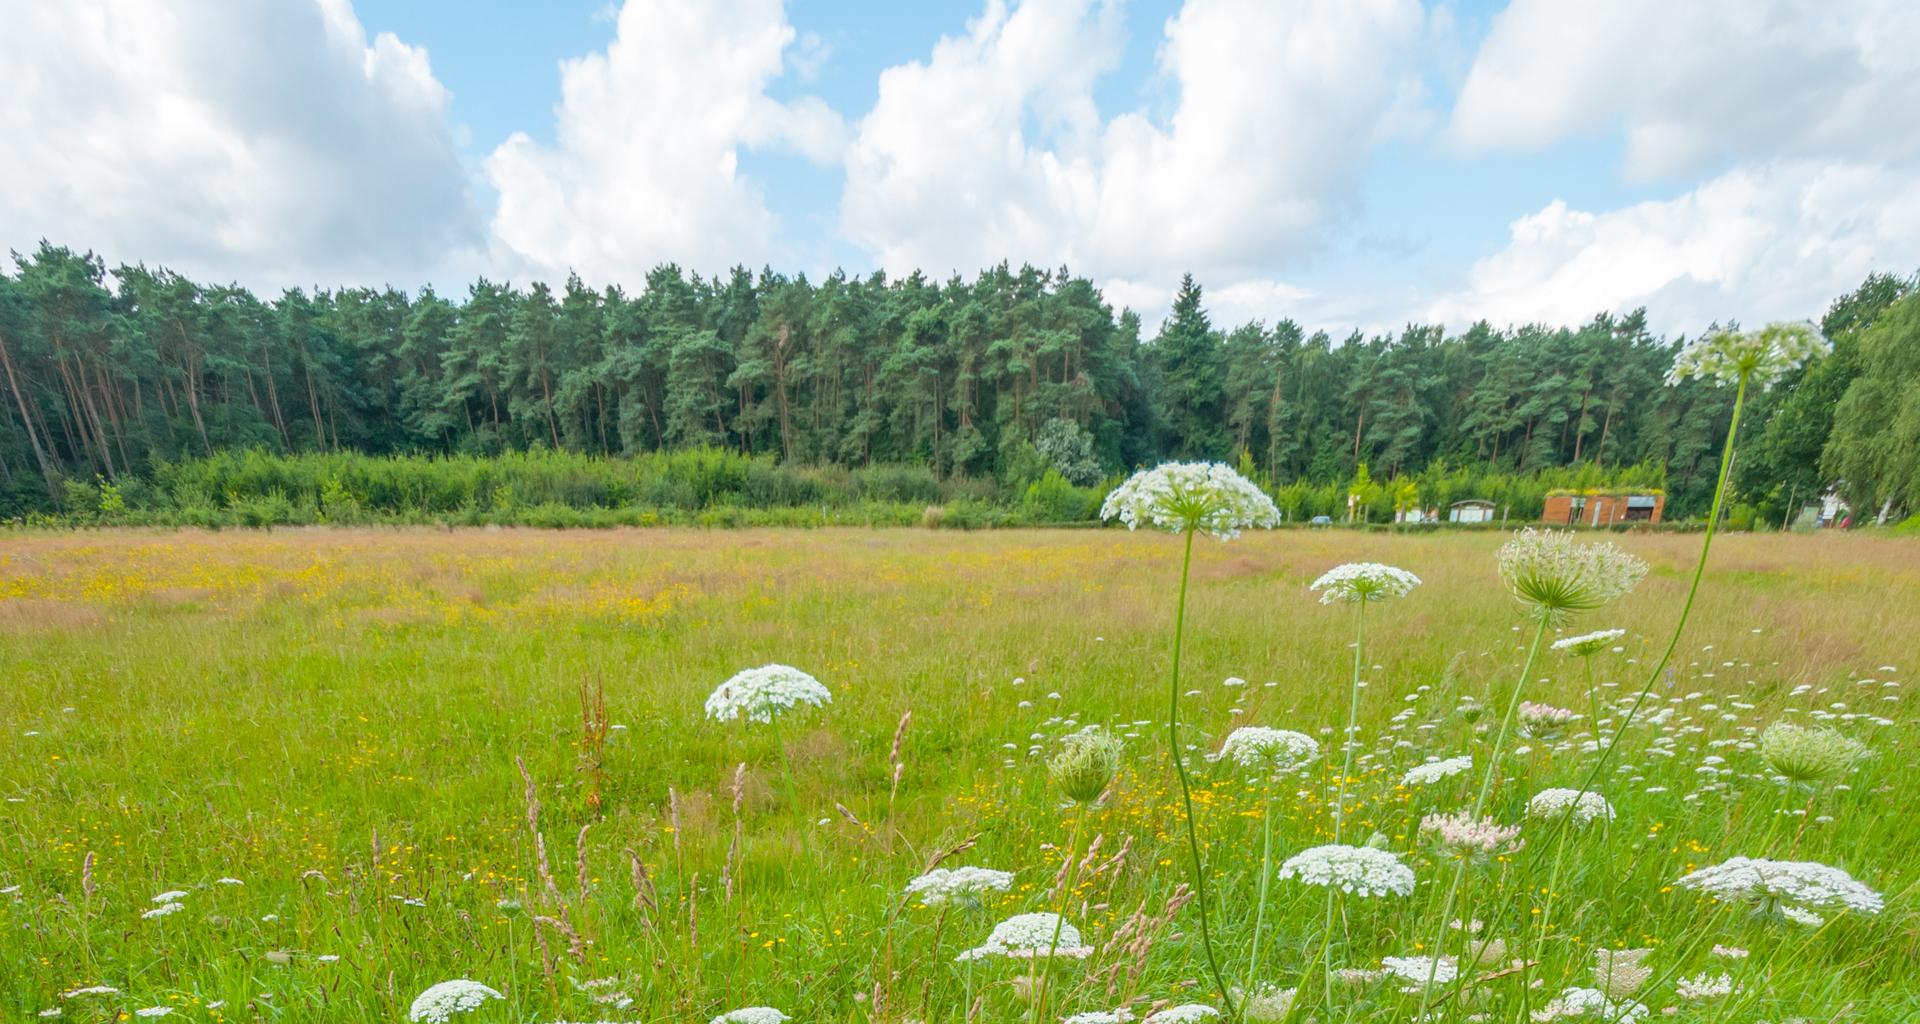 Oproep investeringssubsidies natuur 2016 natura2000 - Foto van de eetkamer ...